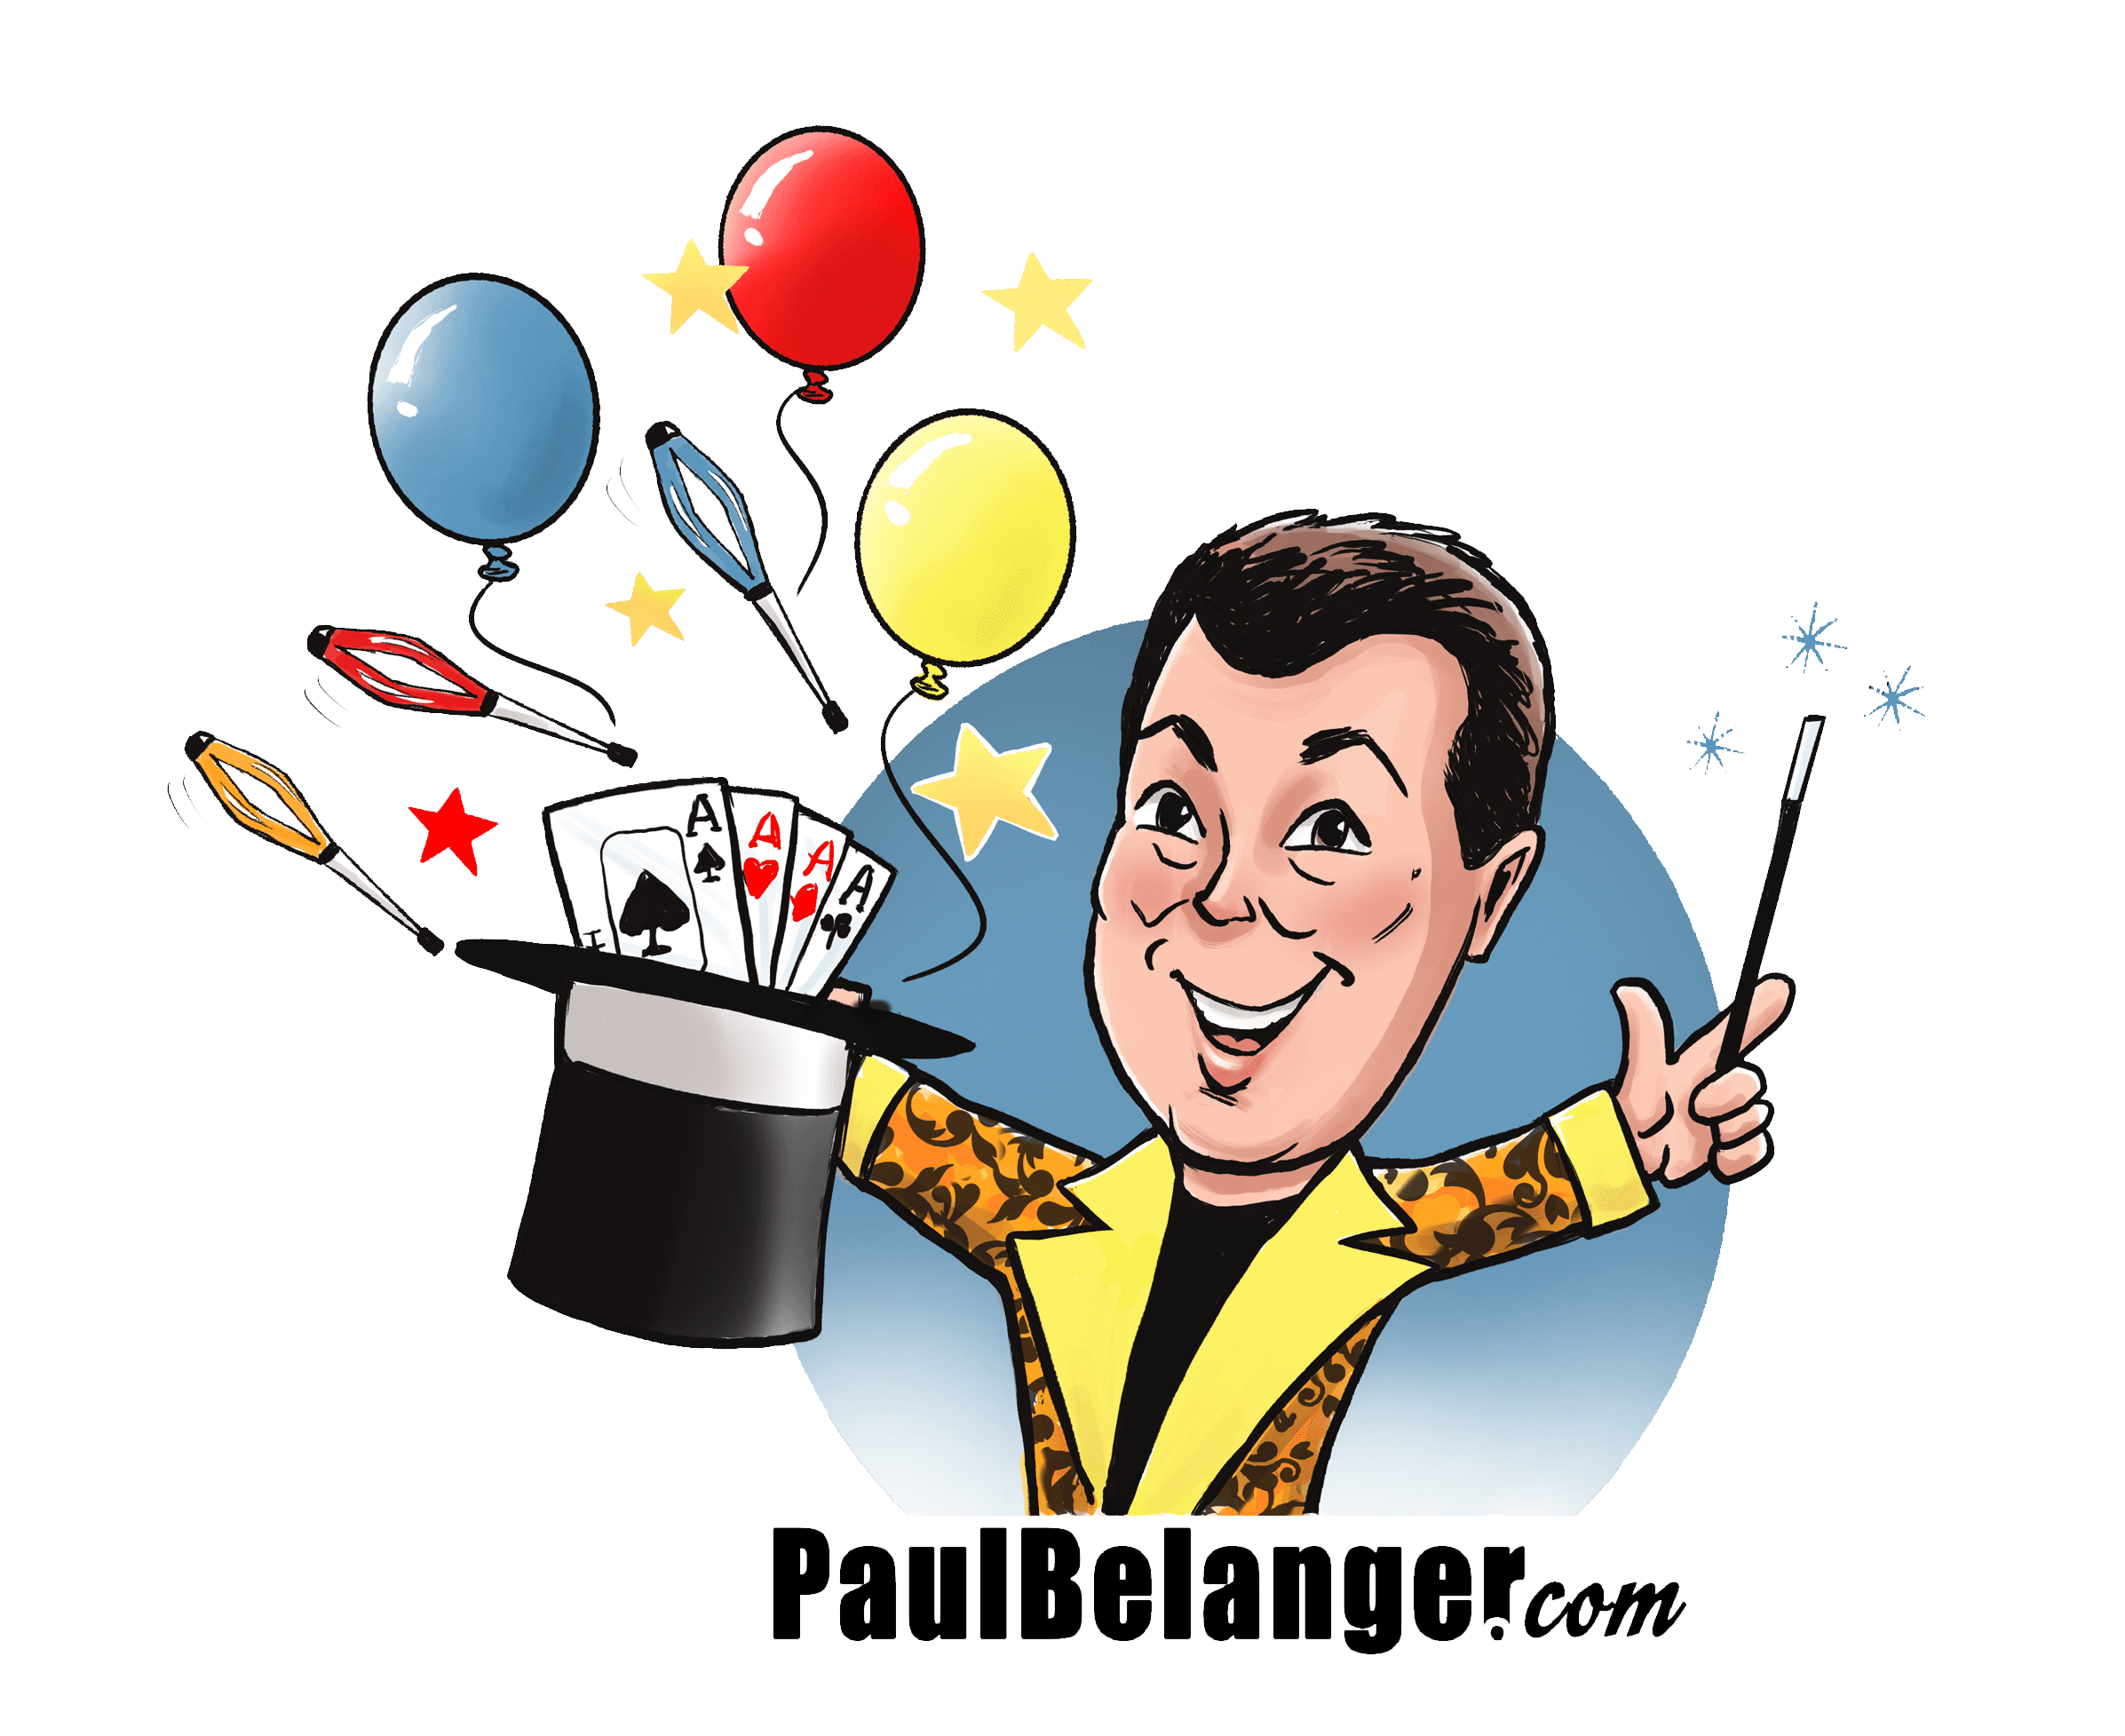 PaulBelanger.com